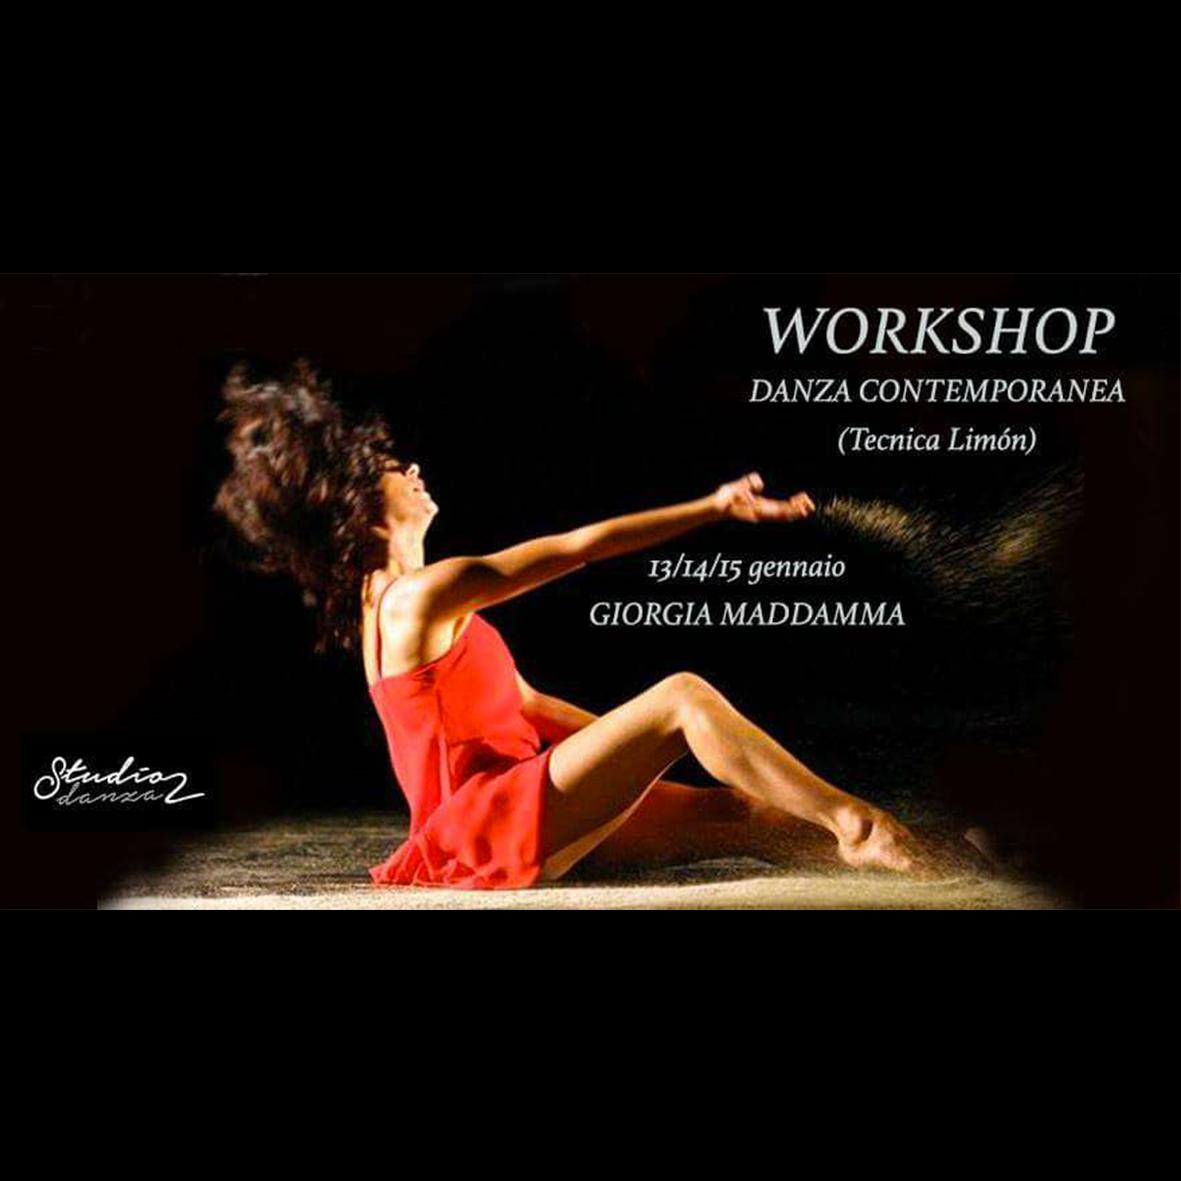 workshop-palermo